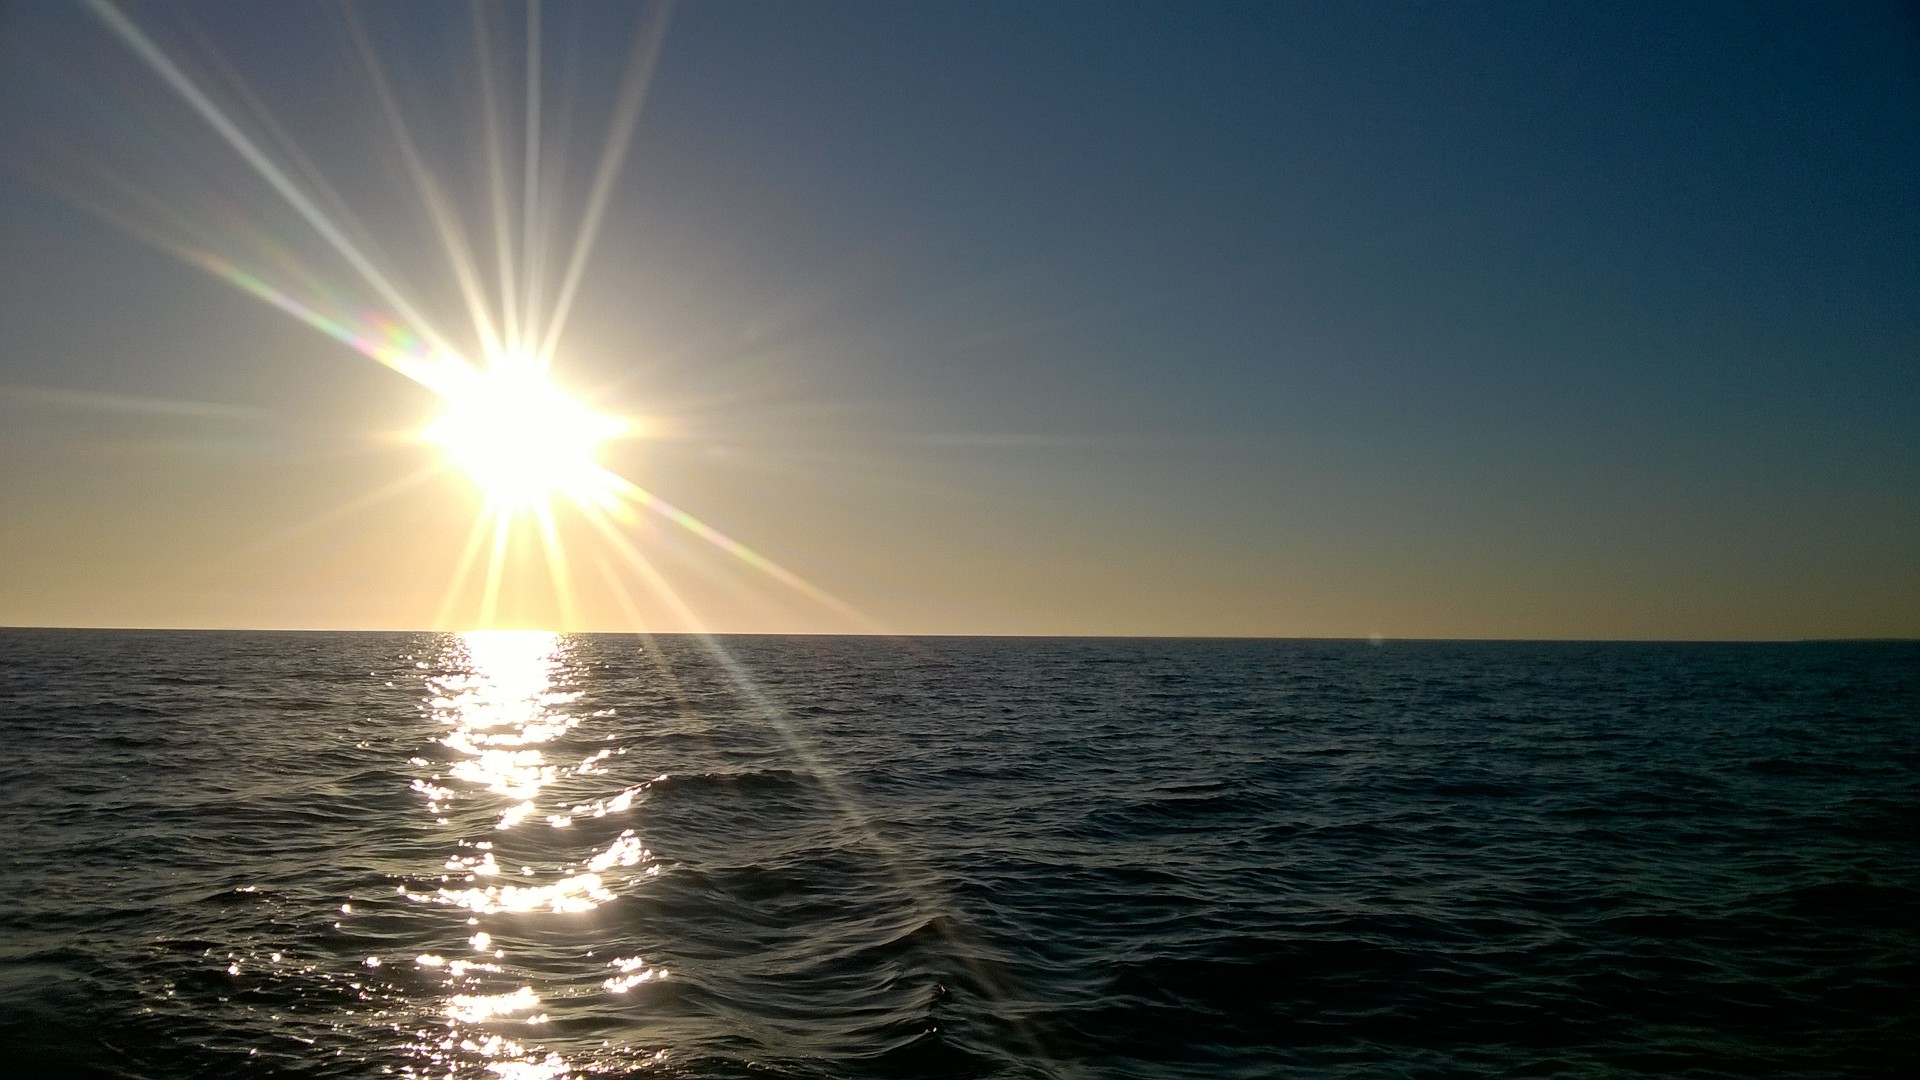 Redningsberedskabet kommer og finder den 55-årige livløs i vandet – han var ikke iført redningsvest, fortæller Søsportens Sikkerhedsråd. Foto: Troels Lykke